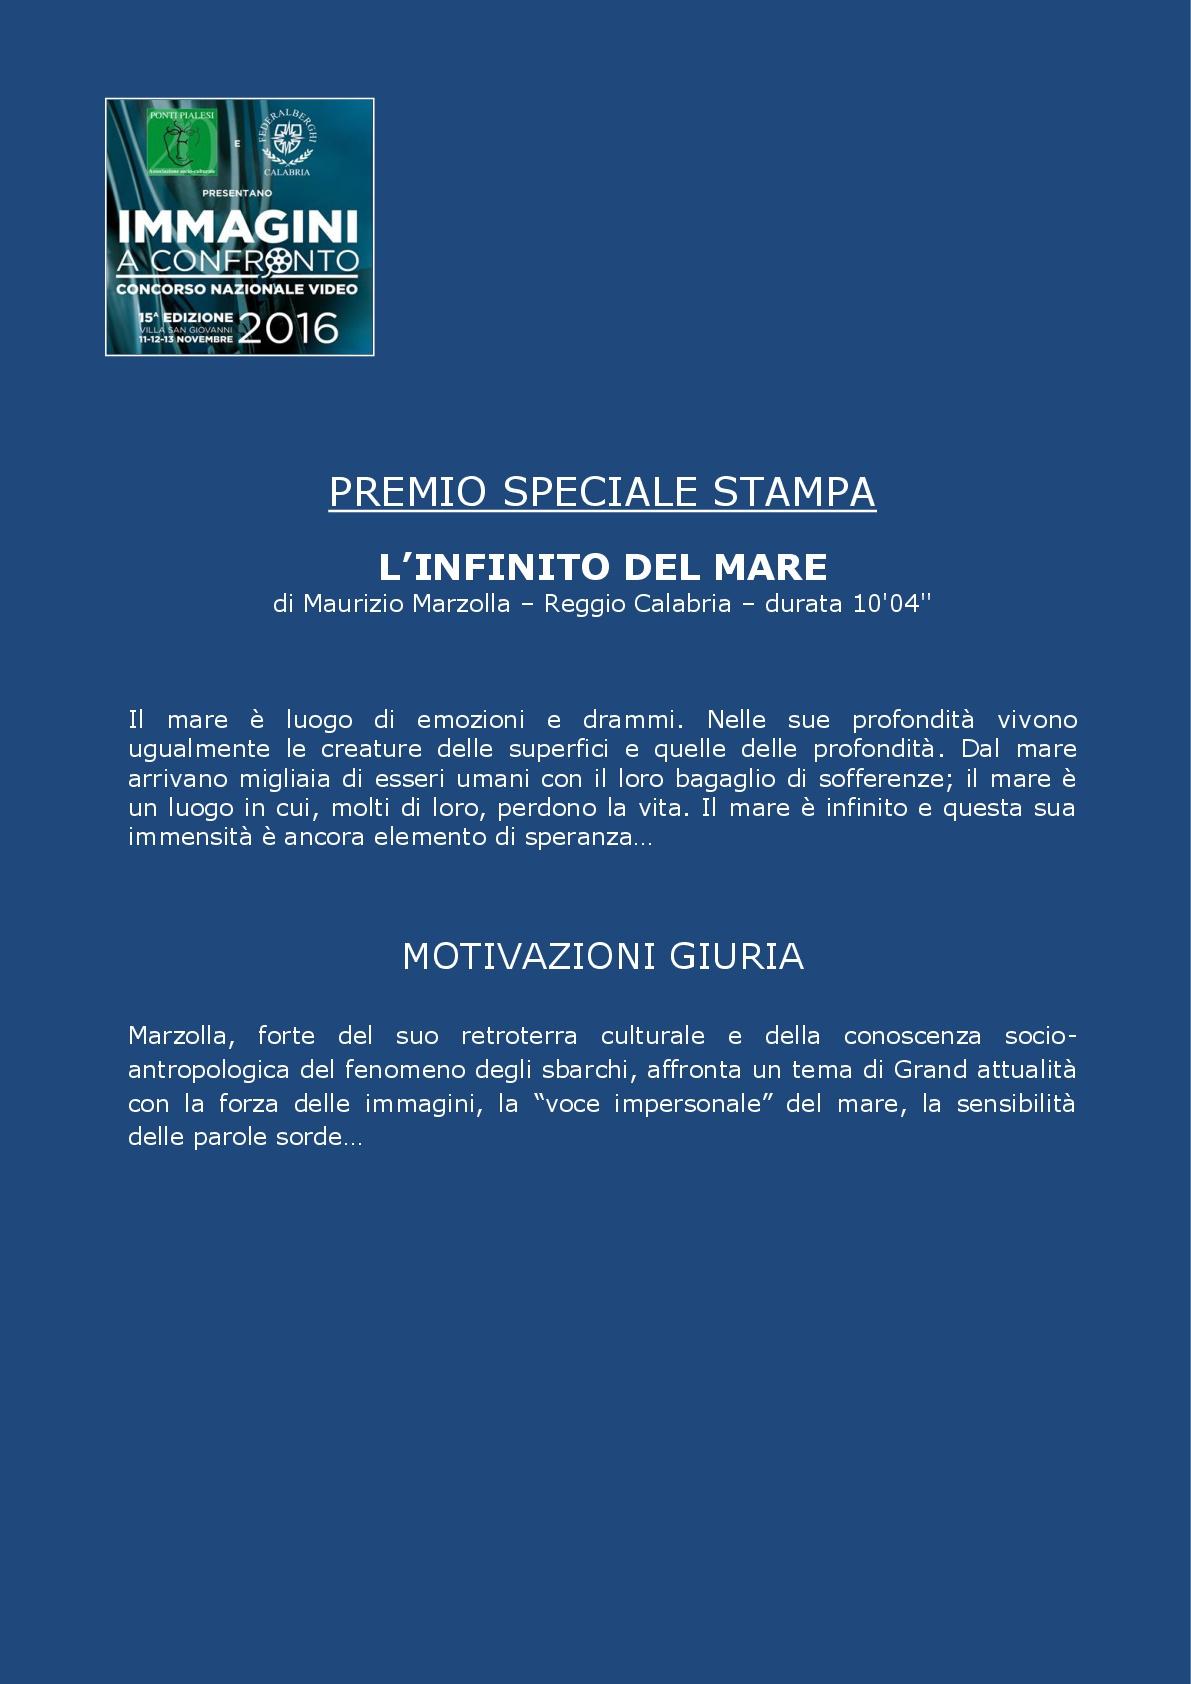 PONTI PIALESI - 15a Edizione IMMAGINI A CONFRONTO 2016 - PREMIAZIONI (8)